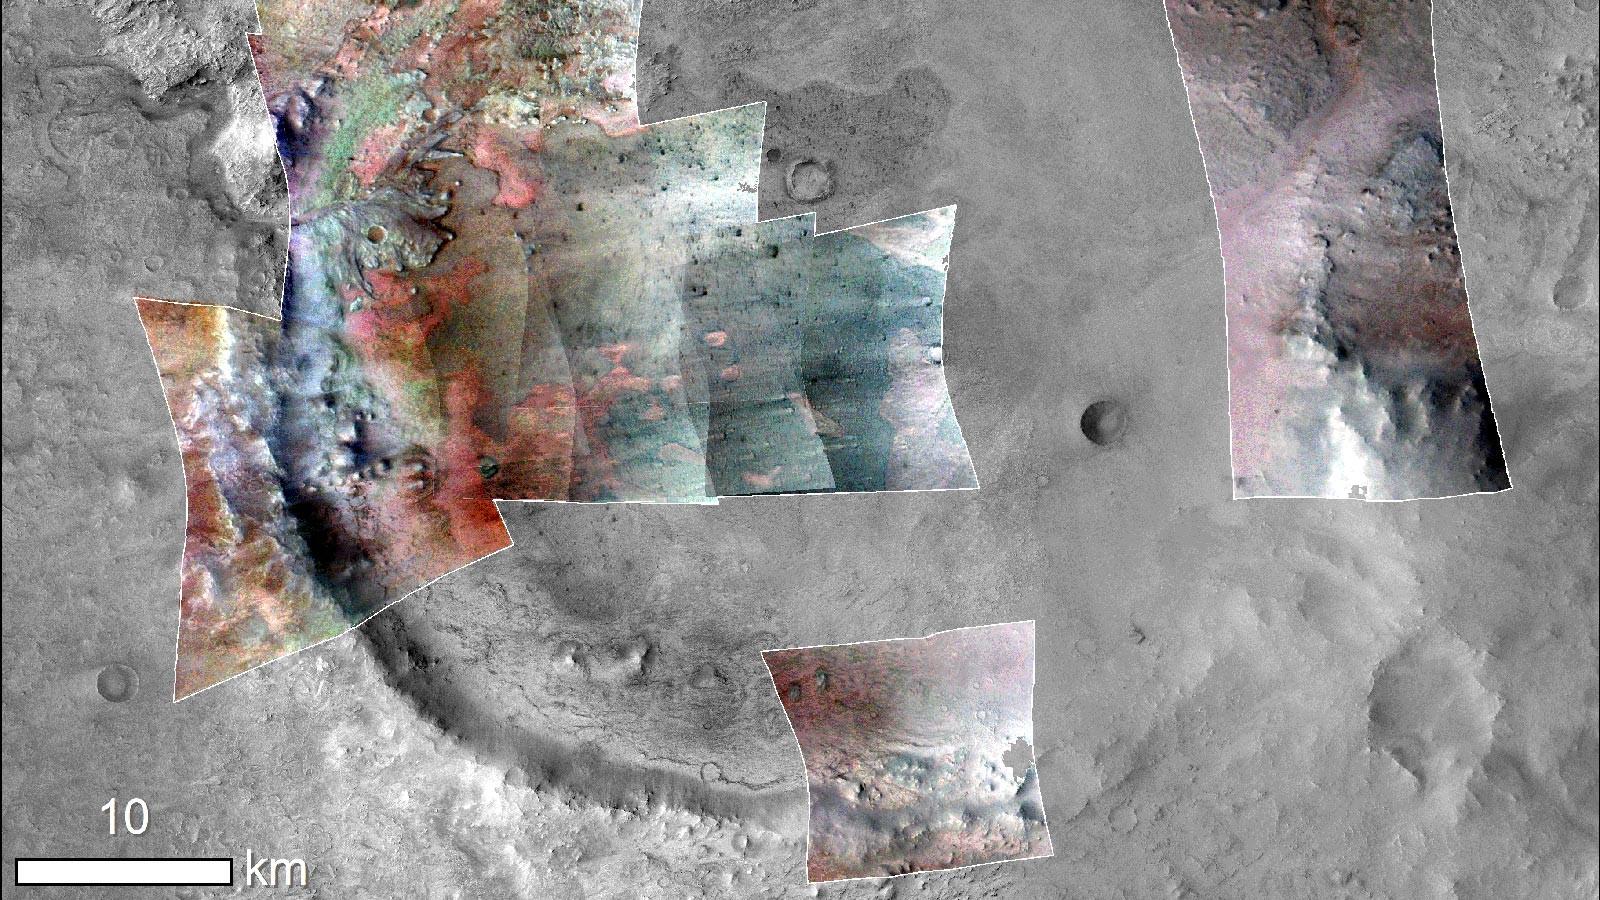 Crédito de la imagen: NASA / JPL-Caltech / MSSS / JHU-APL / Purdue / USGS.